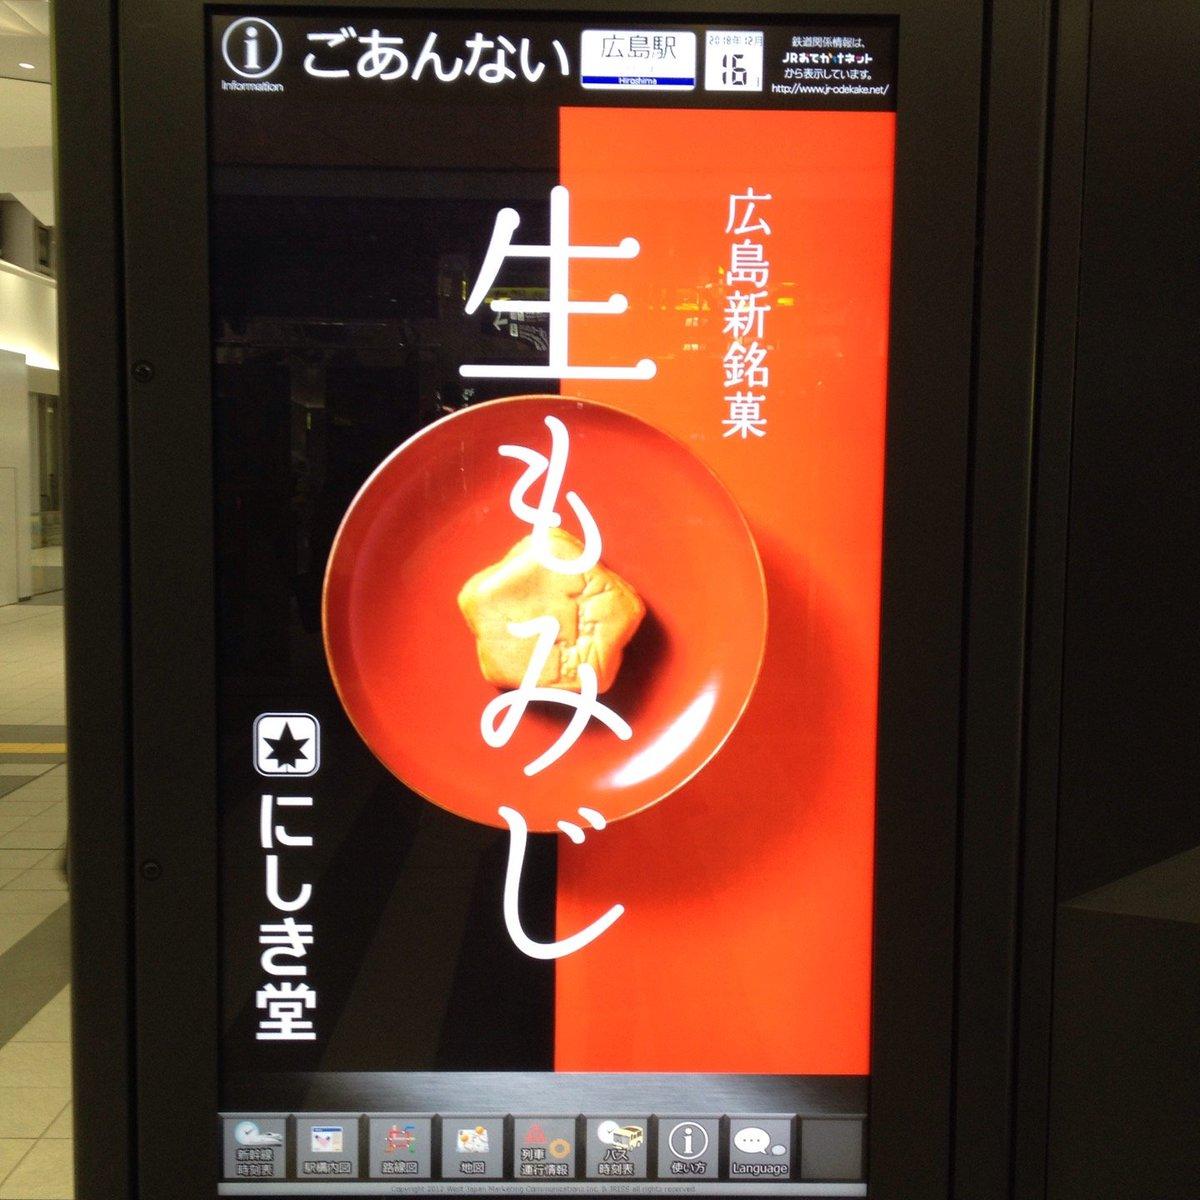 広島駅 デジタルサイネージ(にしき堂)